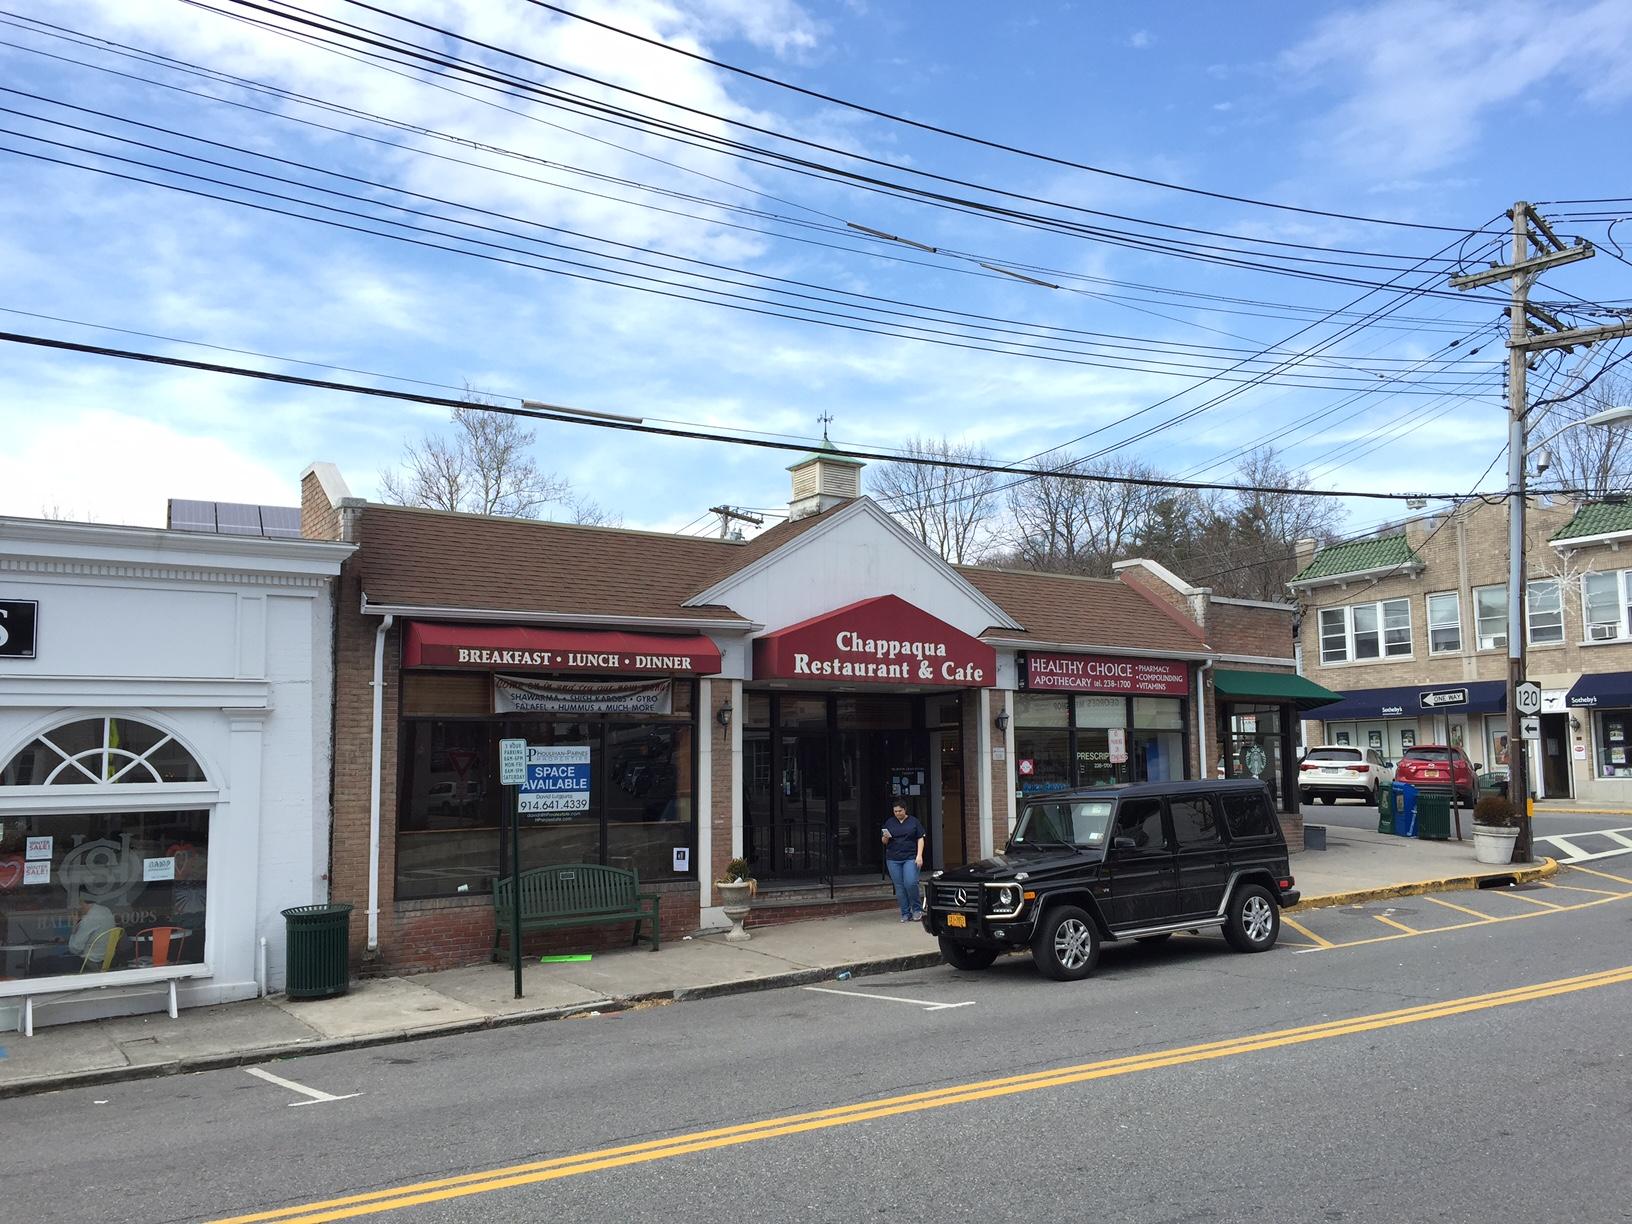 10 South Greeley Avenue – Chappaqua, NY 10514